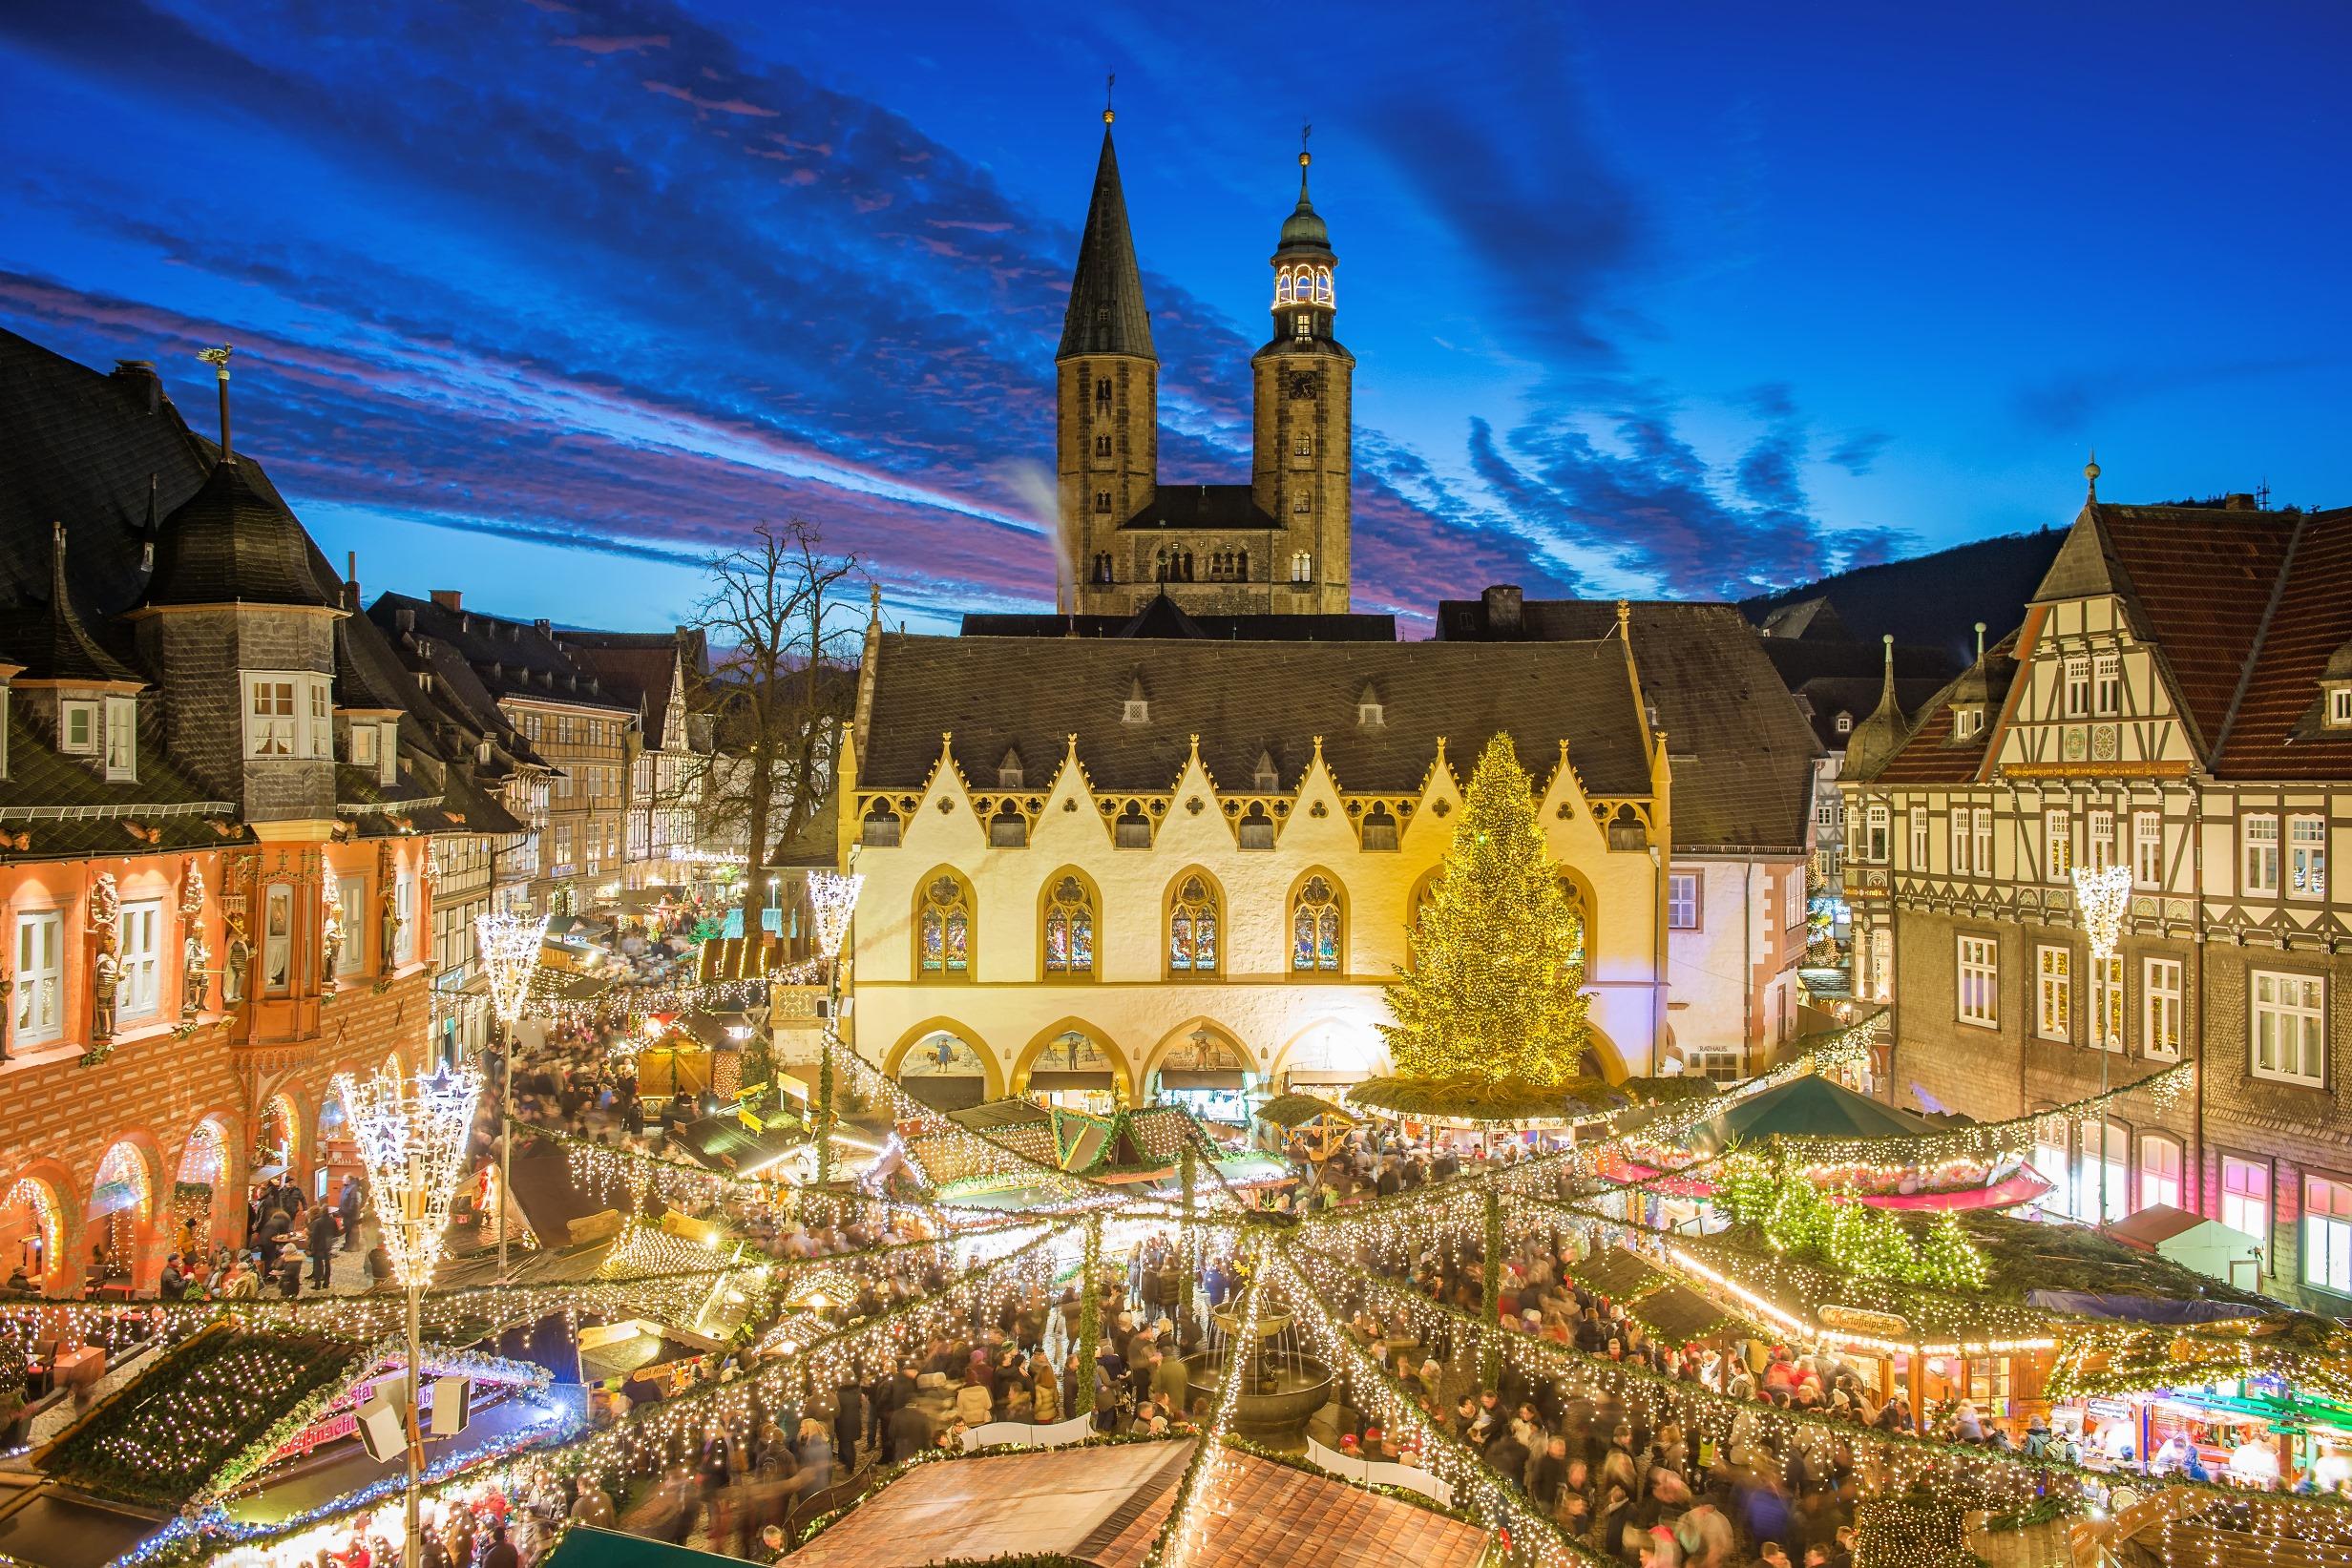 © GOSLAR Marketing GmbH / Fotograf Stefan Schiefer: Der Weihnachtsmarkt in Goslar